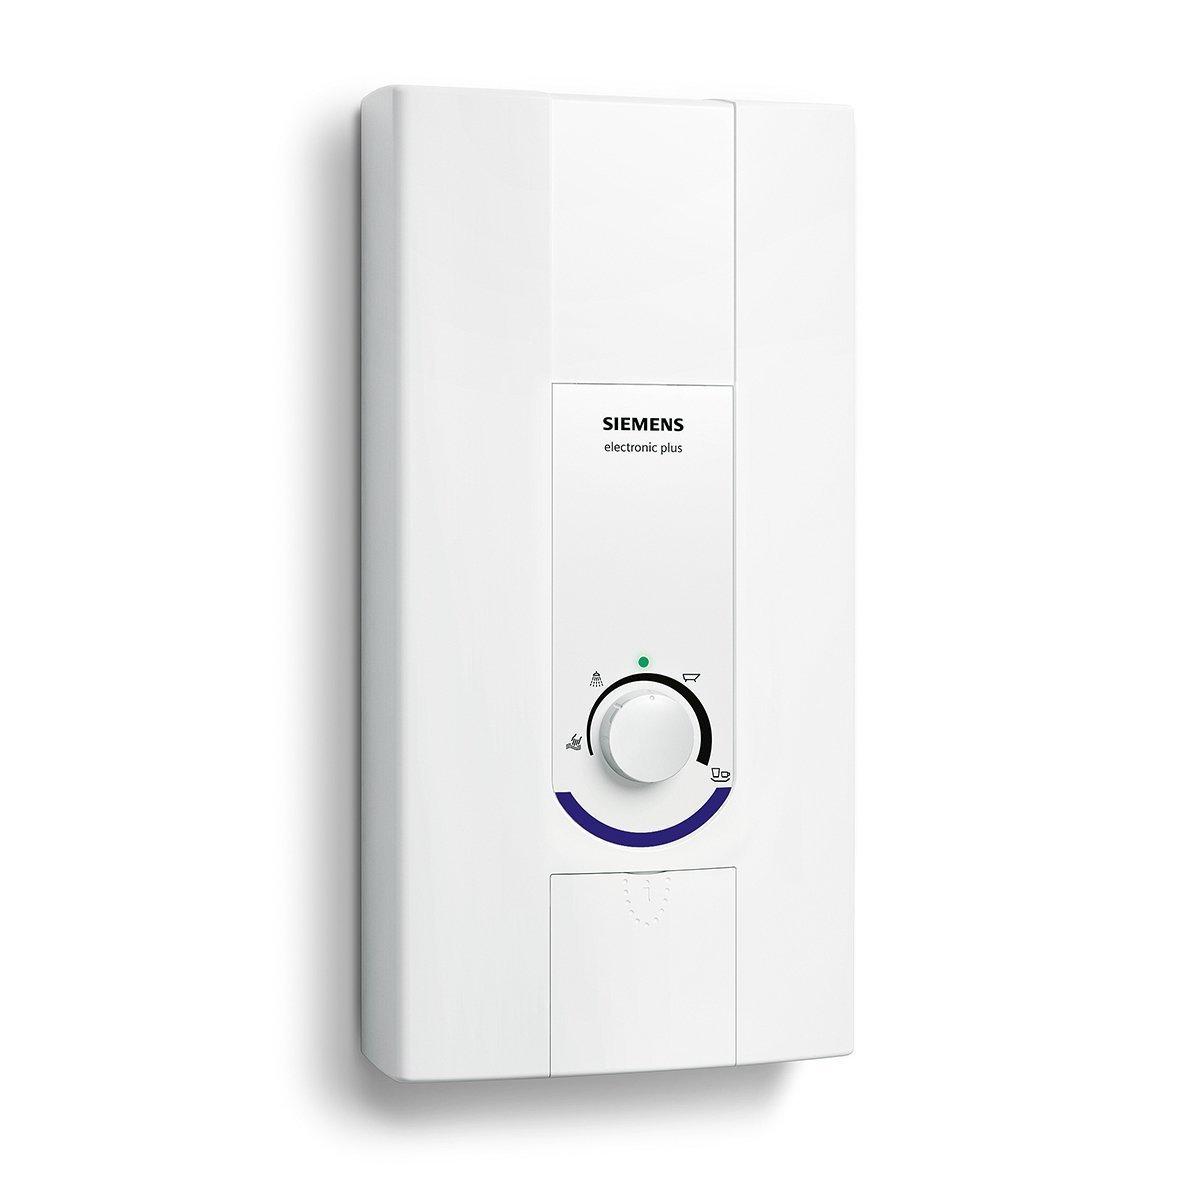 Durchlauferhitzer Test Stromverbrauch : durchlauferhitzer mit strom durchlauferhitzer test ~ A.2002-acura-tl-radio.info Haus und Dekorationen